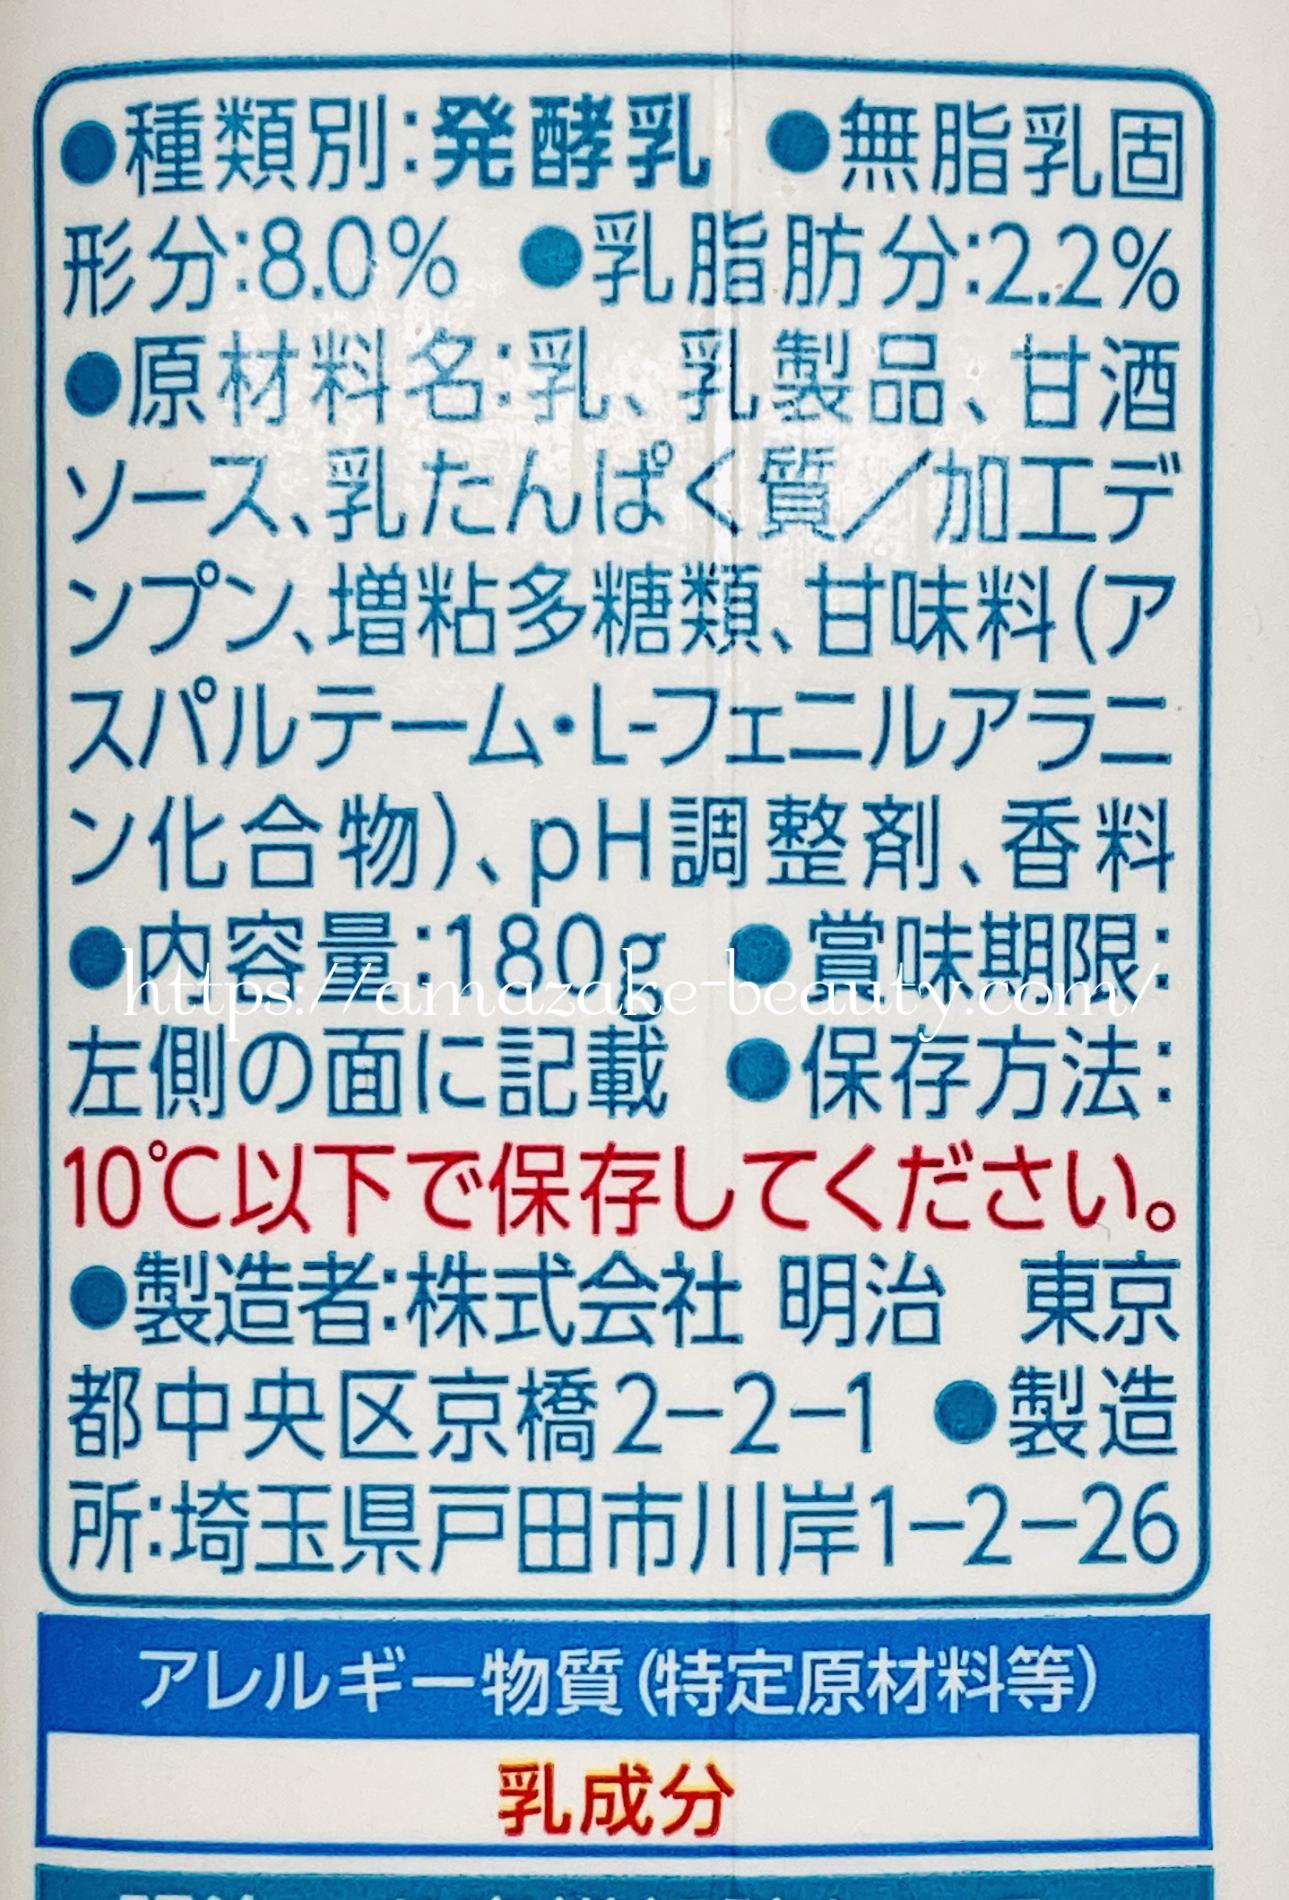 [amazake]meiji[meiji koji amazake nomu yoguruto](product description)